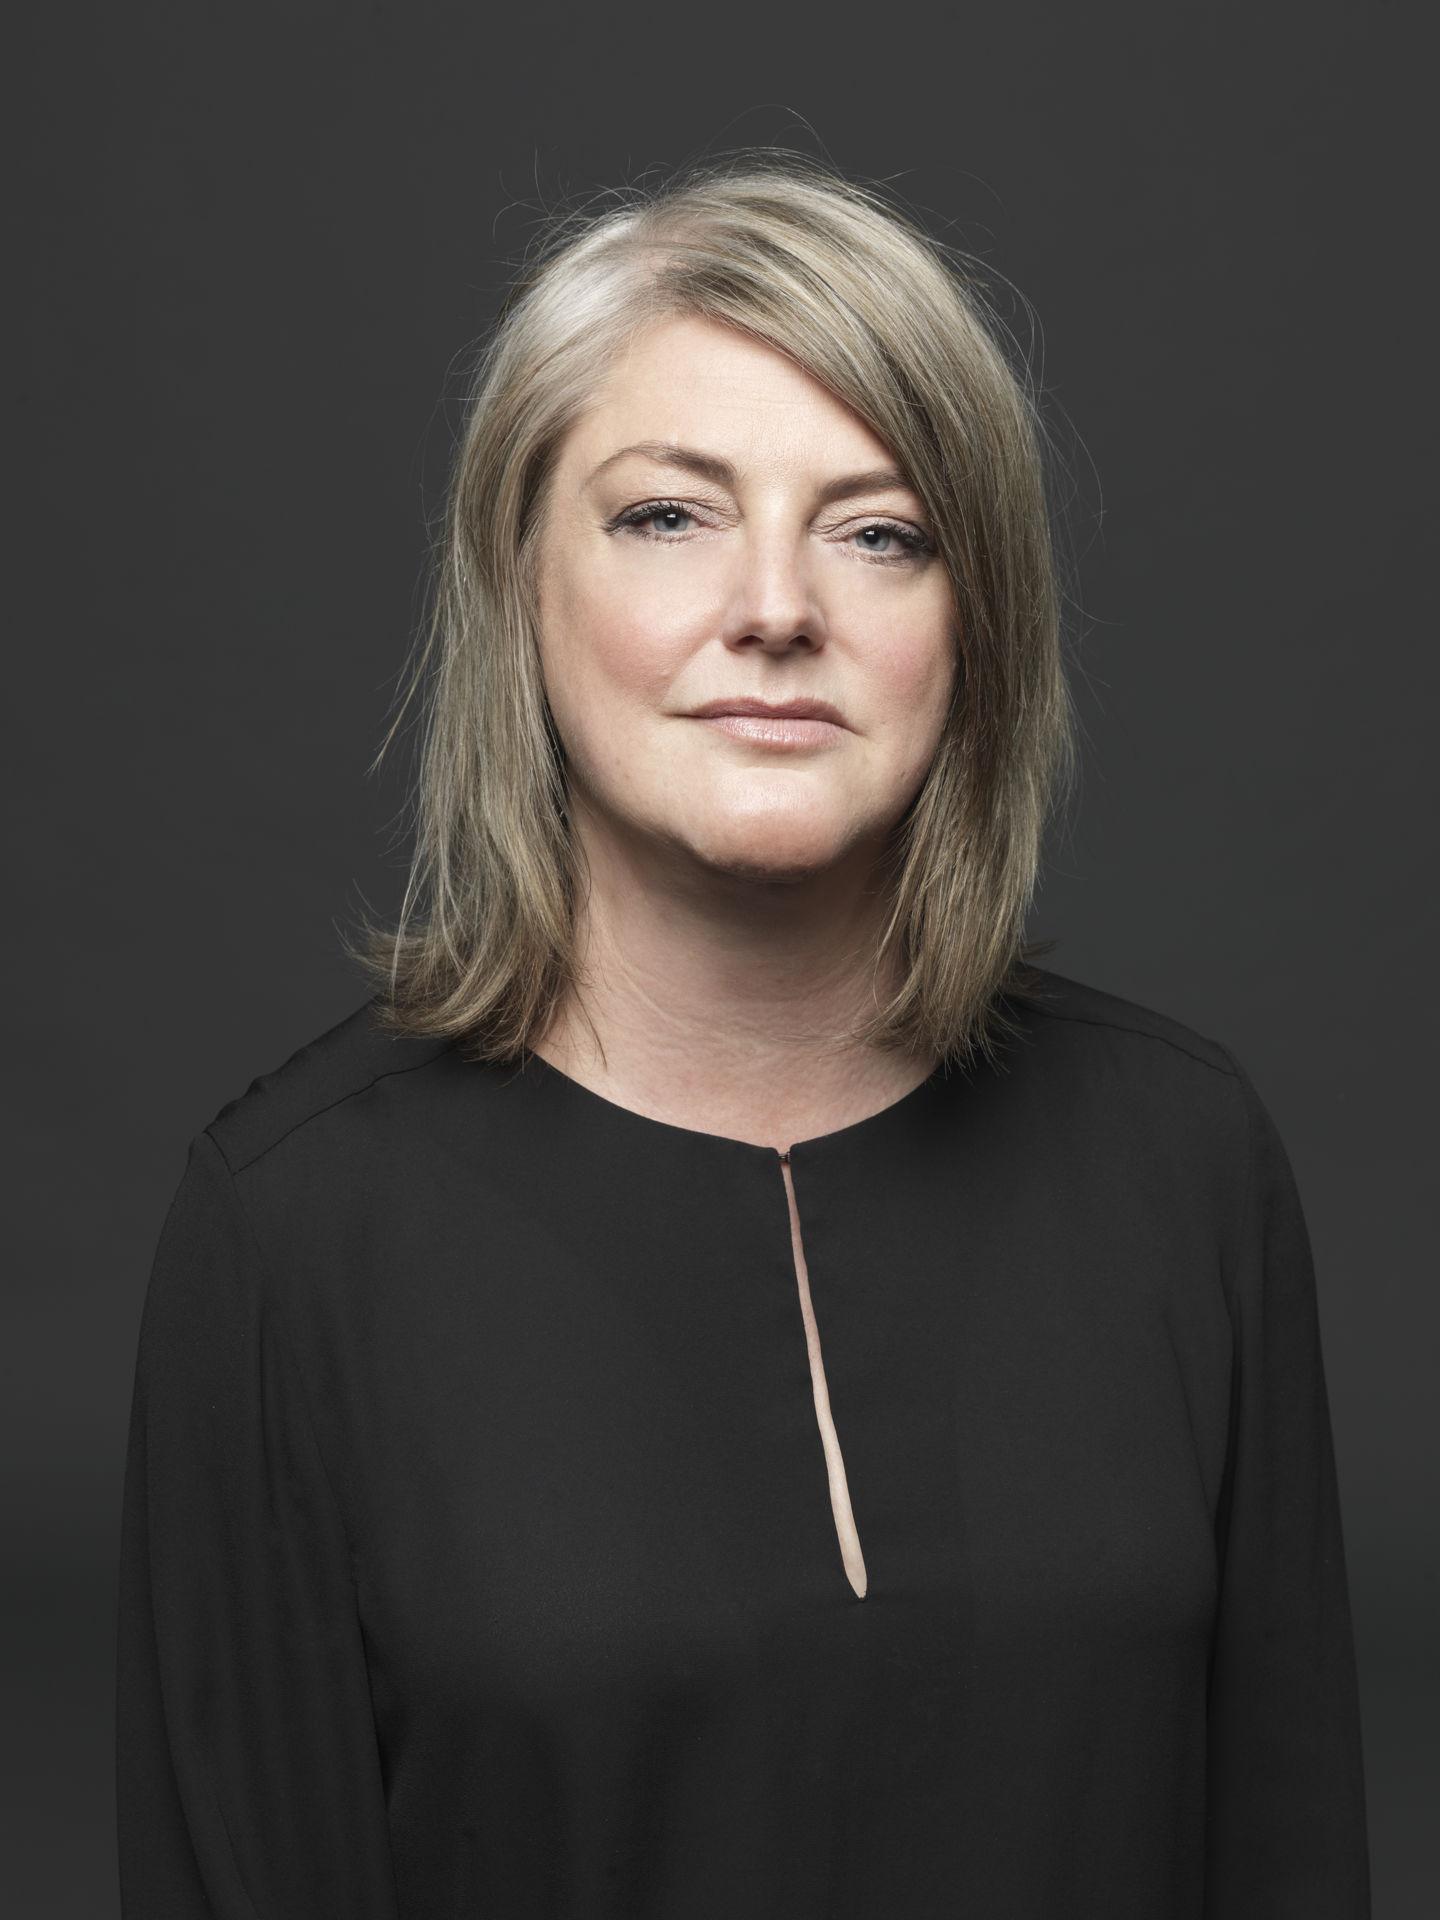 Kerrie Finch